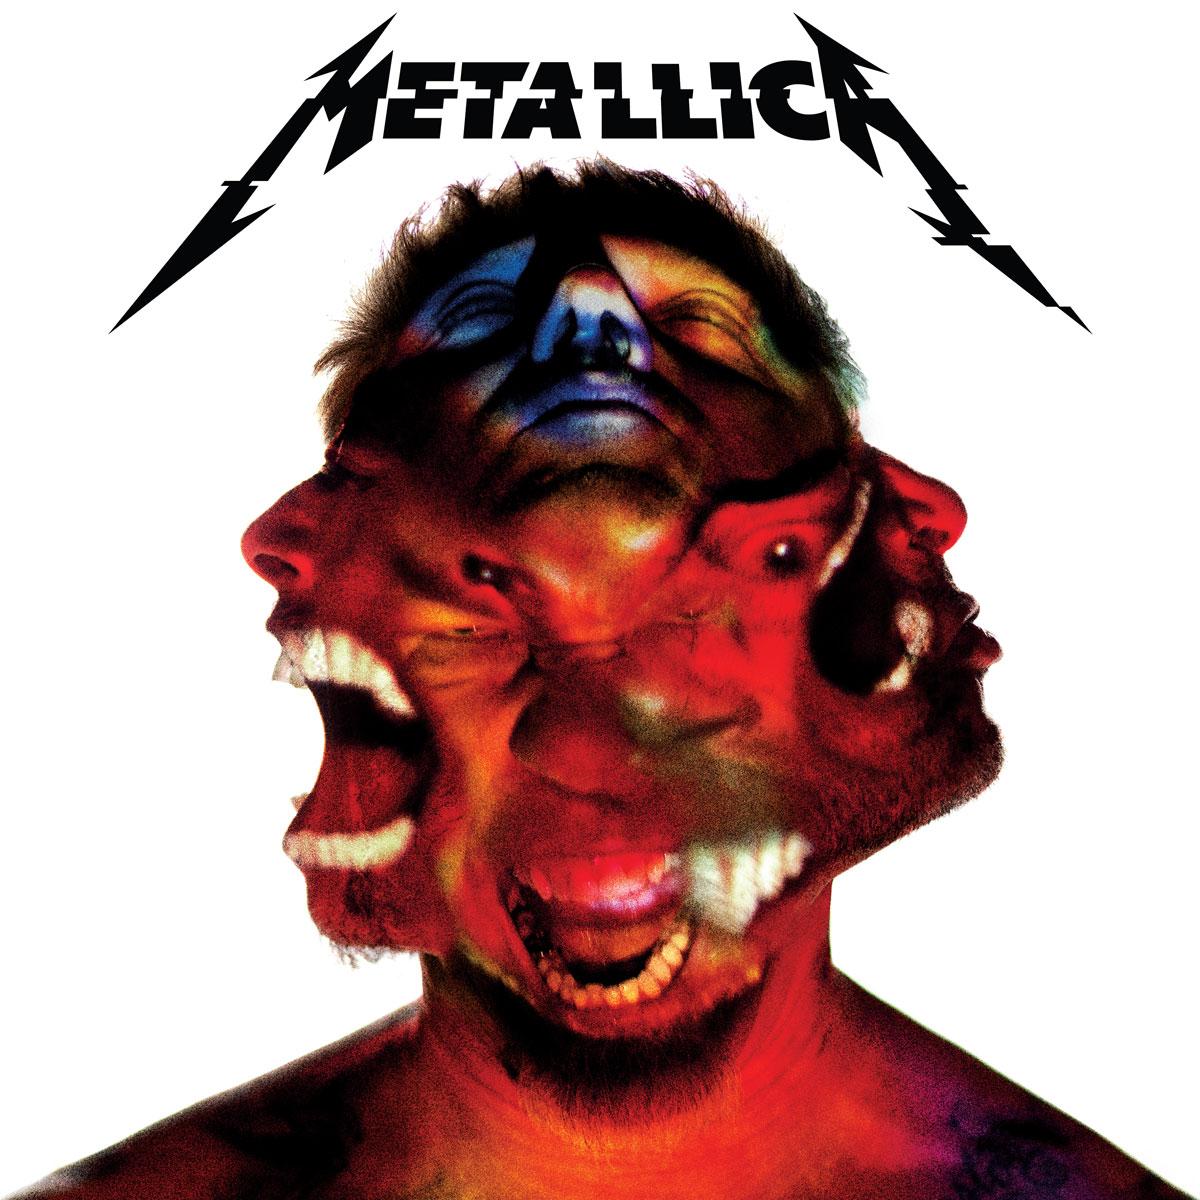 Metallica Metallica. Hardwired...To Self-Destruct. Deluxe Vinyl Бокс (3 LP) metallica metallica garage inc 3 lp